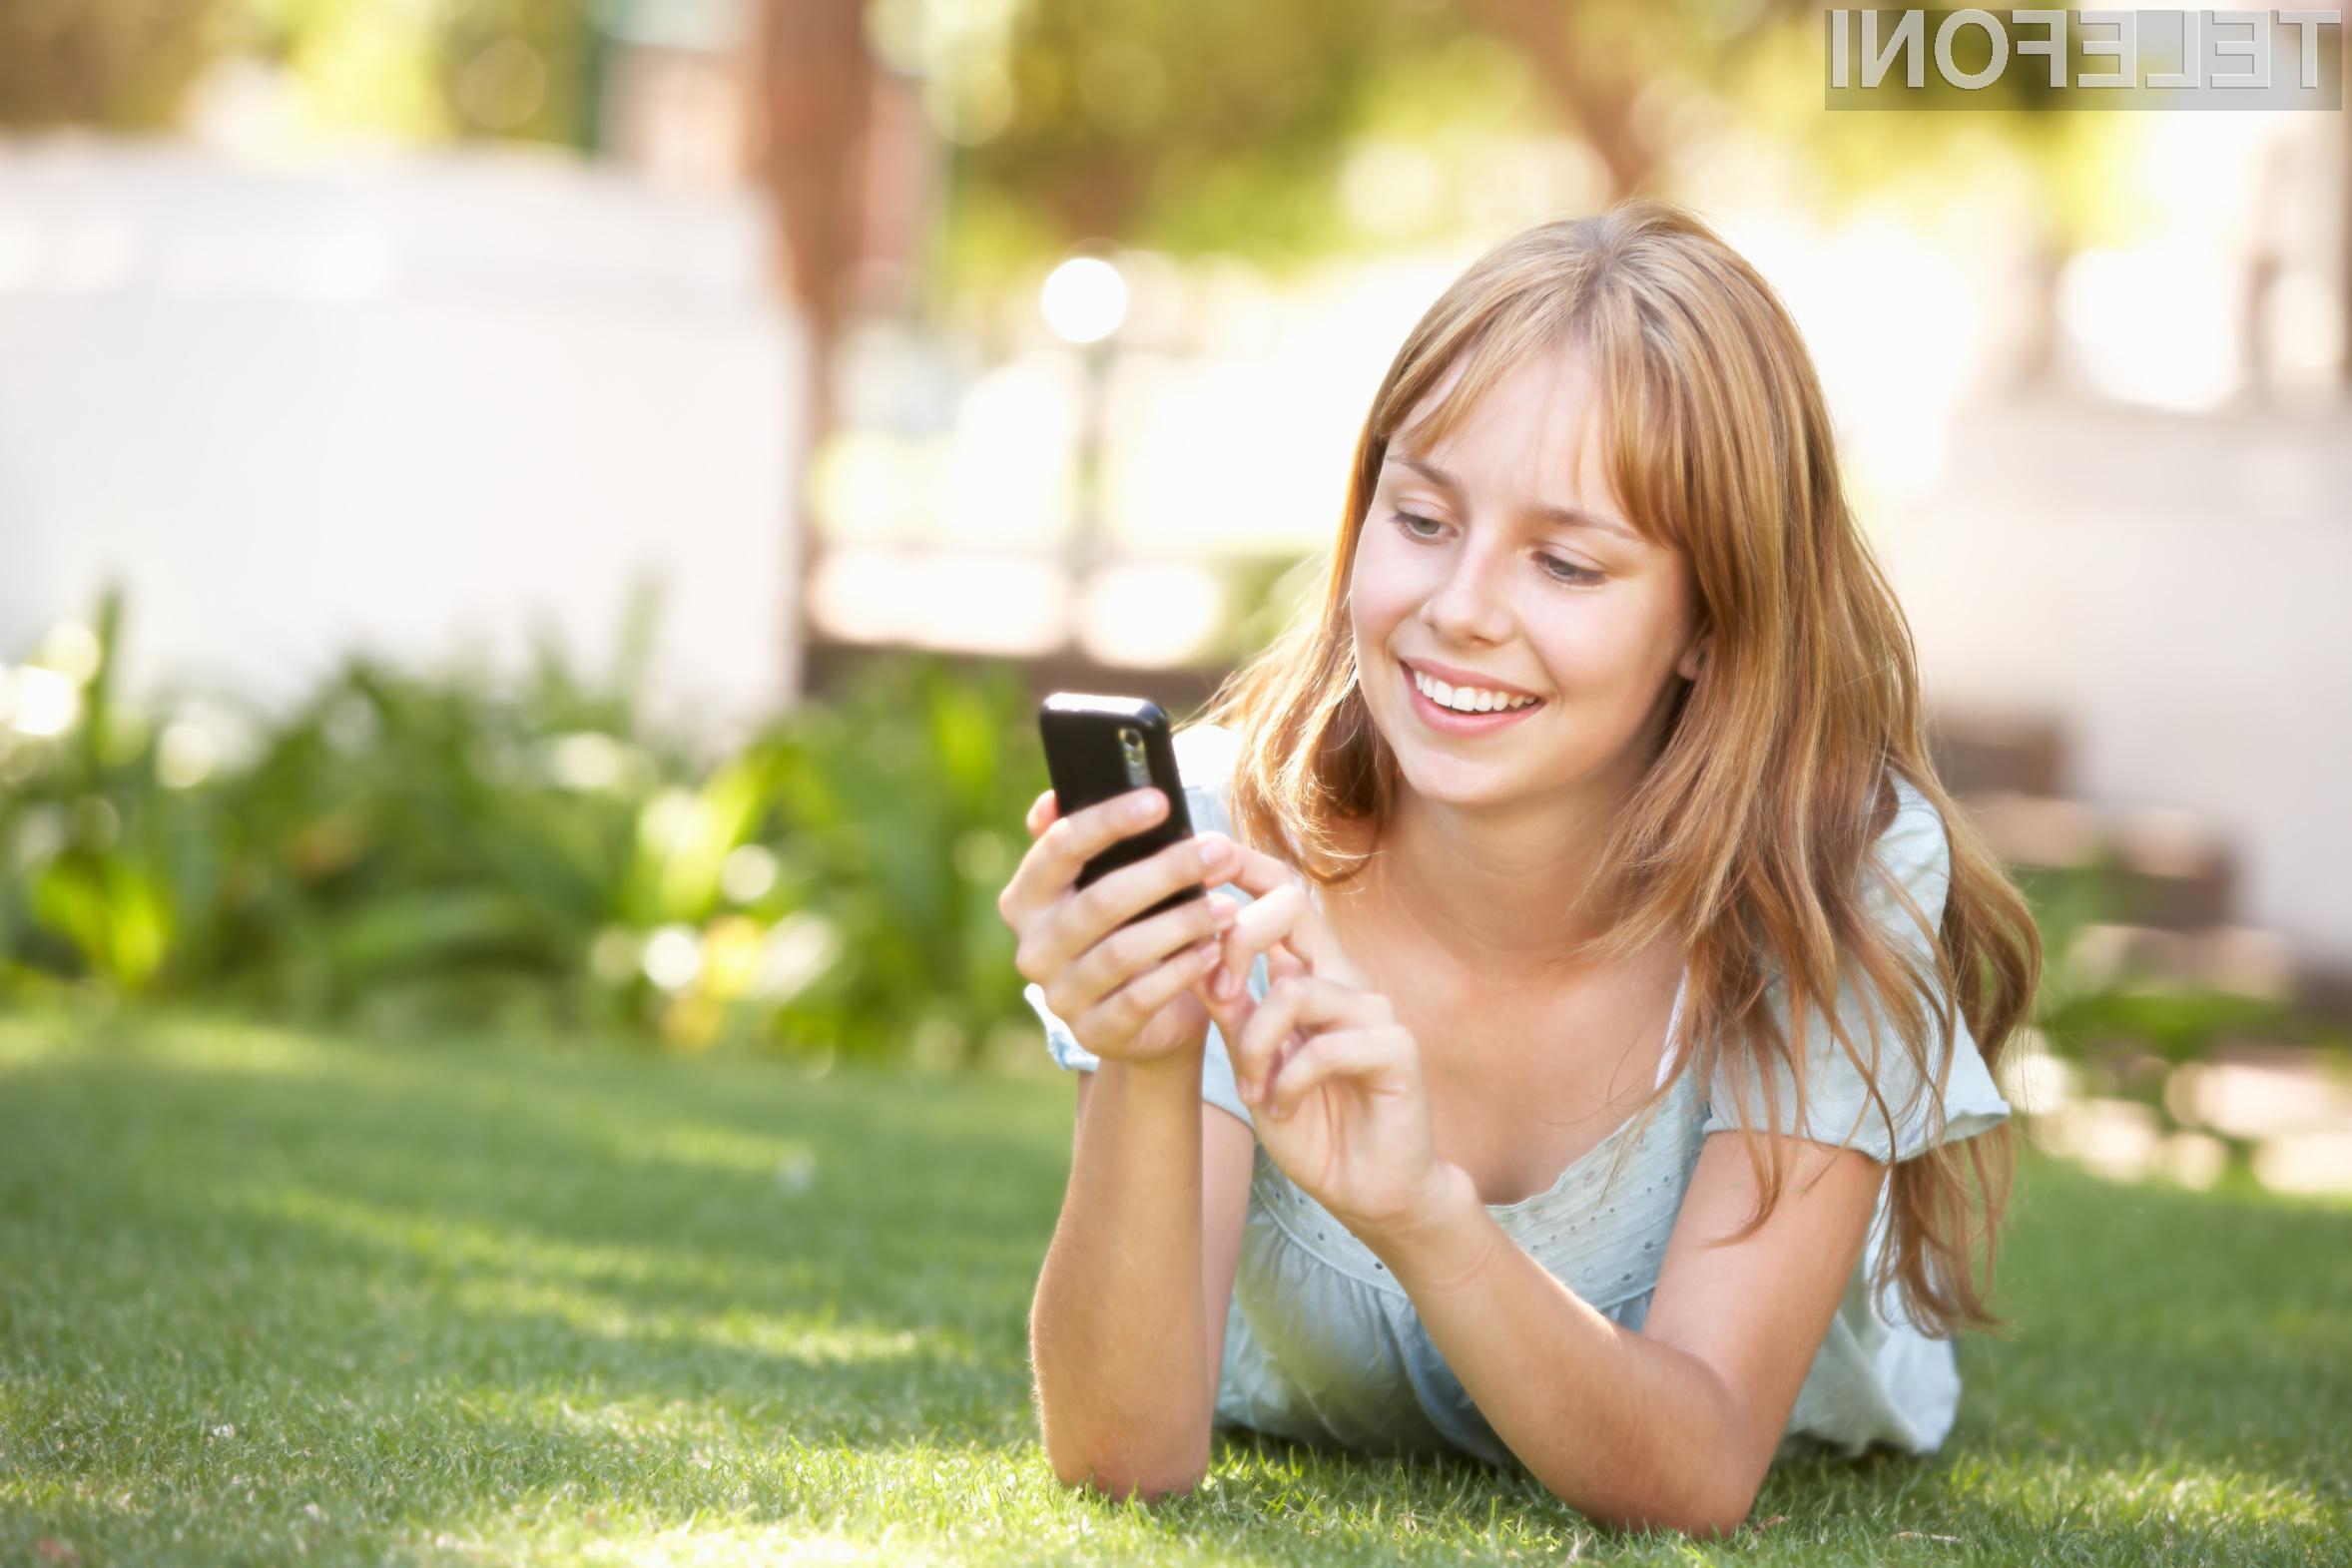 V starostni skupini med 18 in 24 let telefon ponoči uporablja že kar polovica uporabnikov.